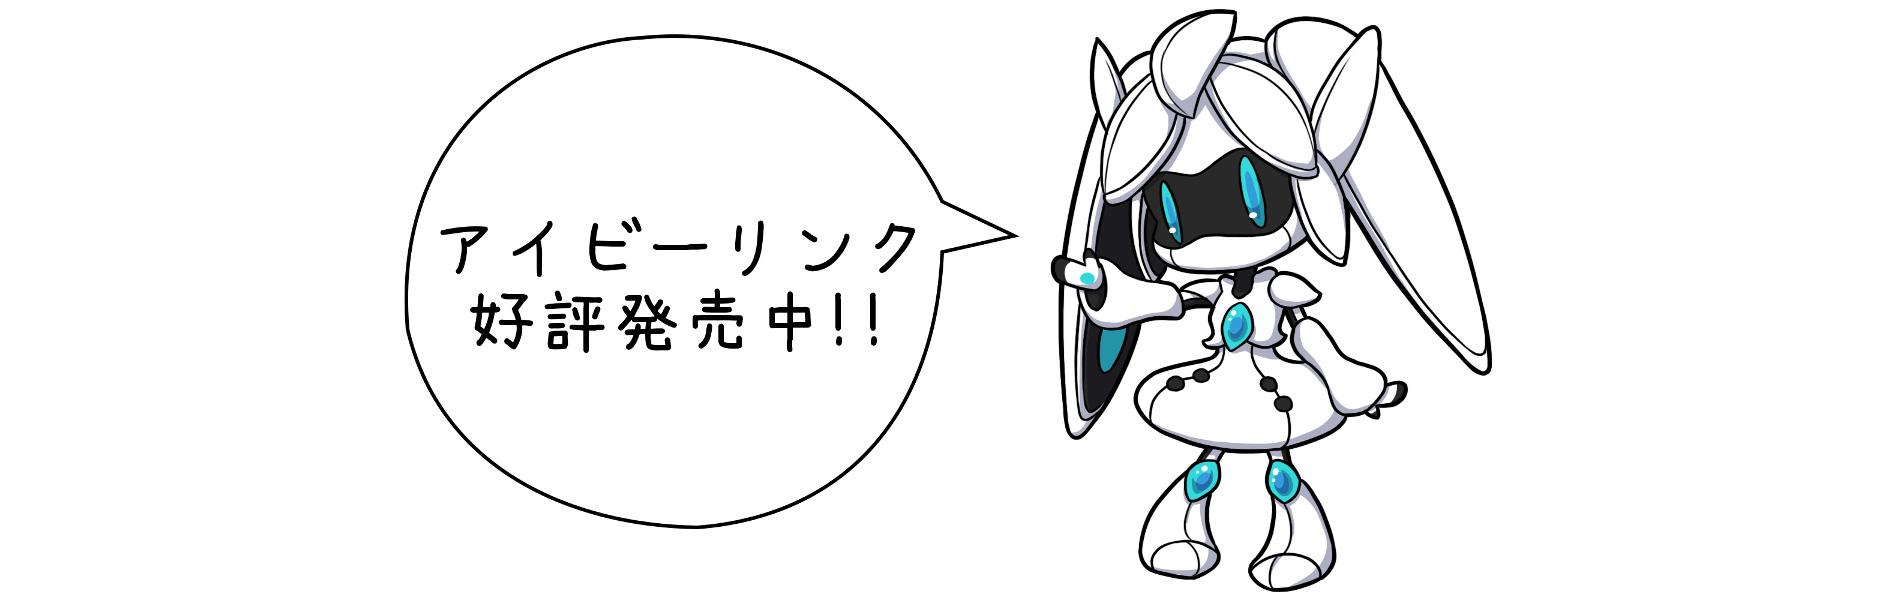 アイビーリンクゲムマ2019春発売!!